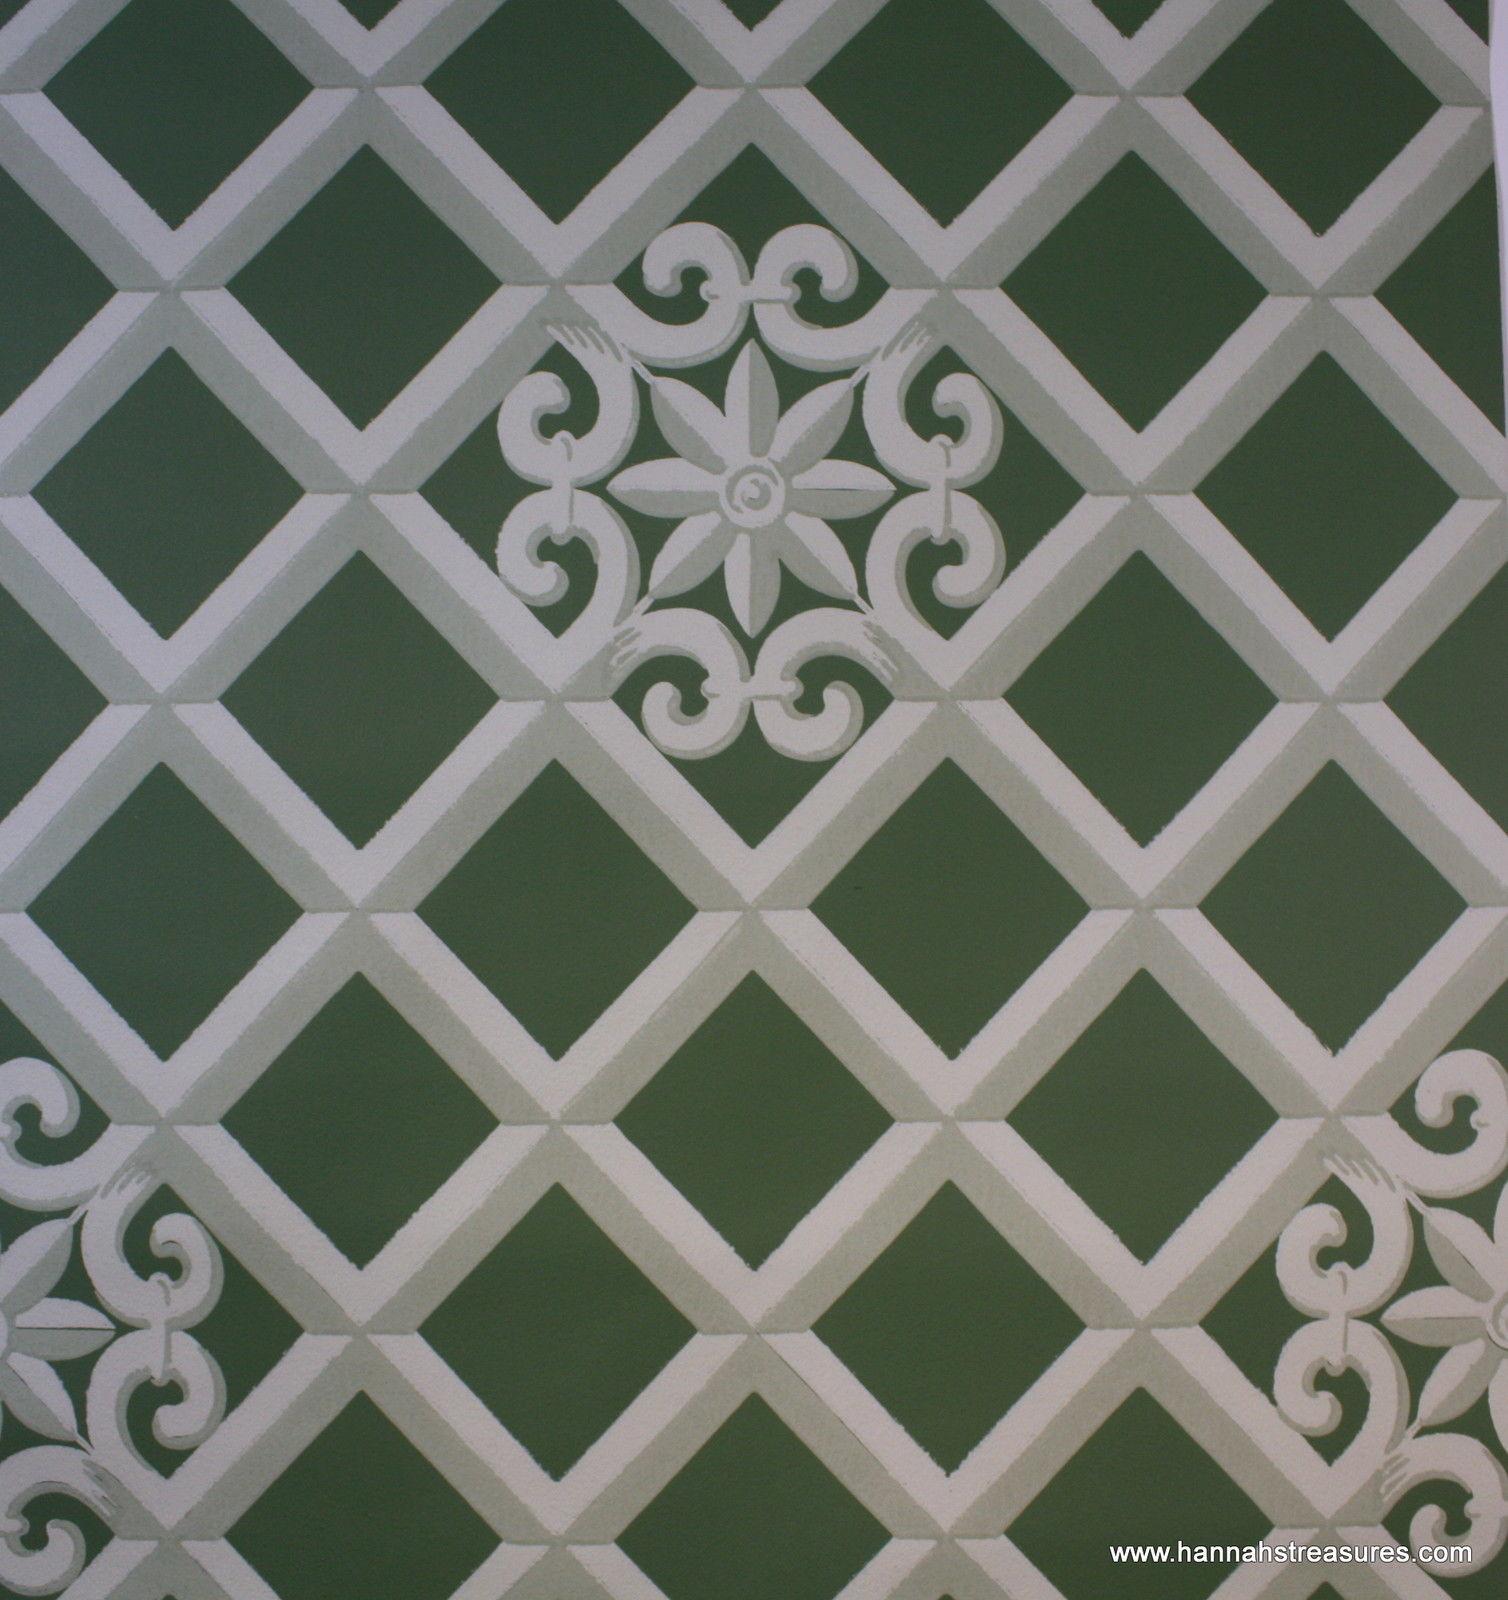 Lattice Wallpaper: Green And White Lattice Wallpaper